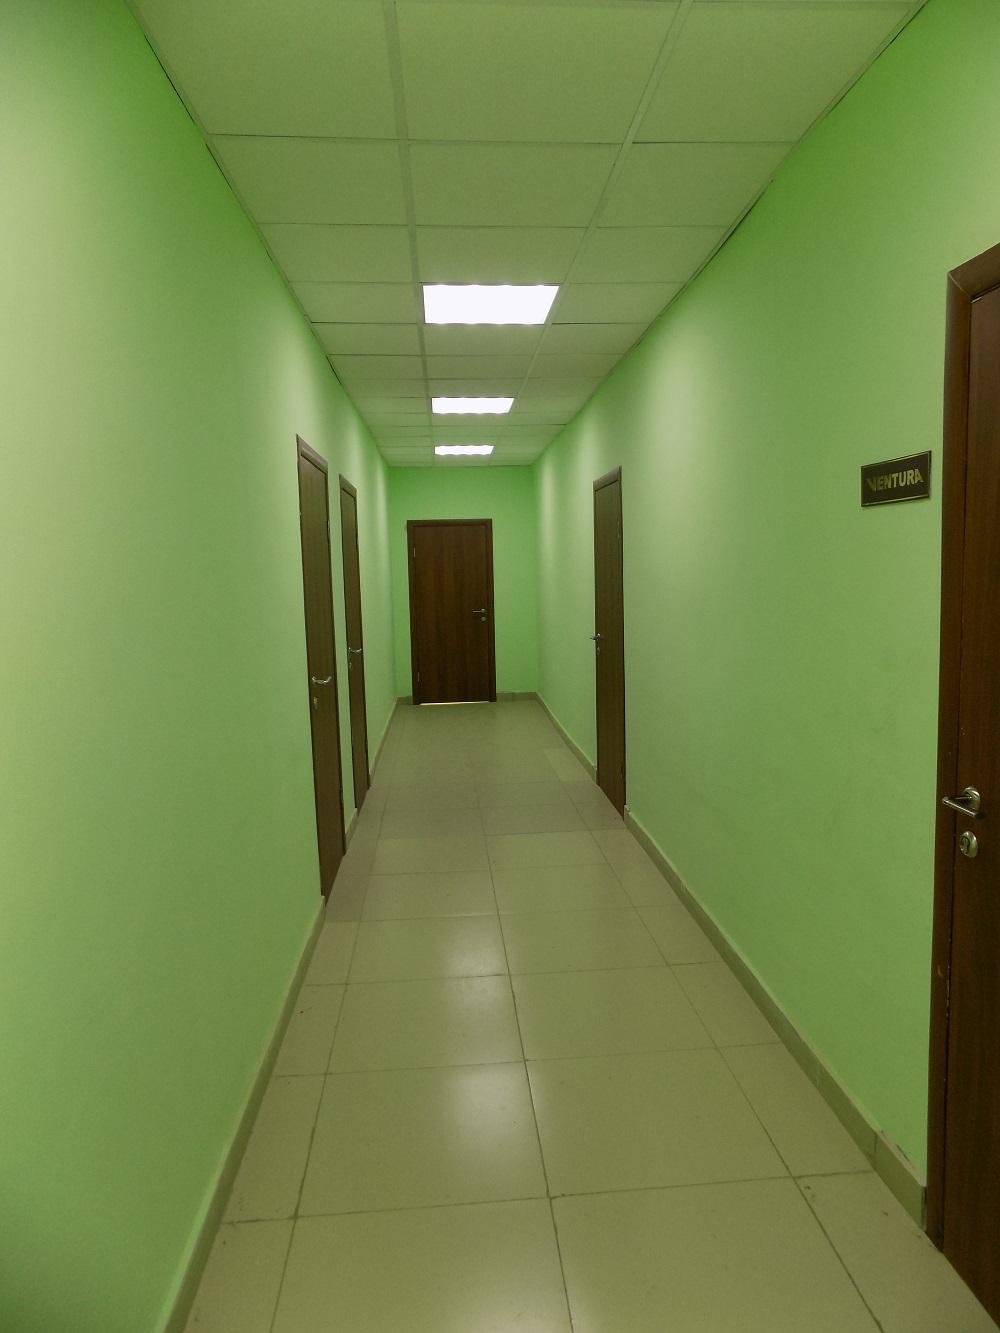 Аренда офиса недорого собственника аренда коммерческой недвижимости Генерала Кузнецова улица